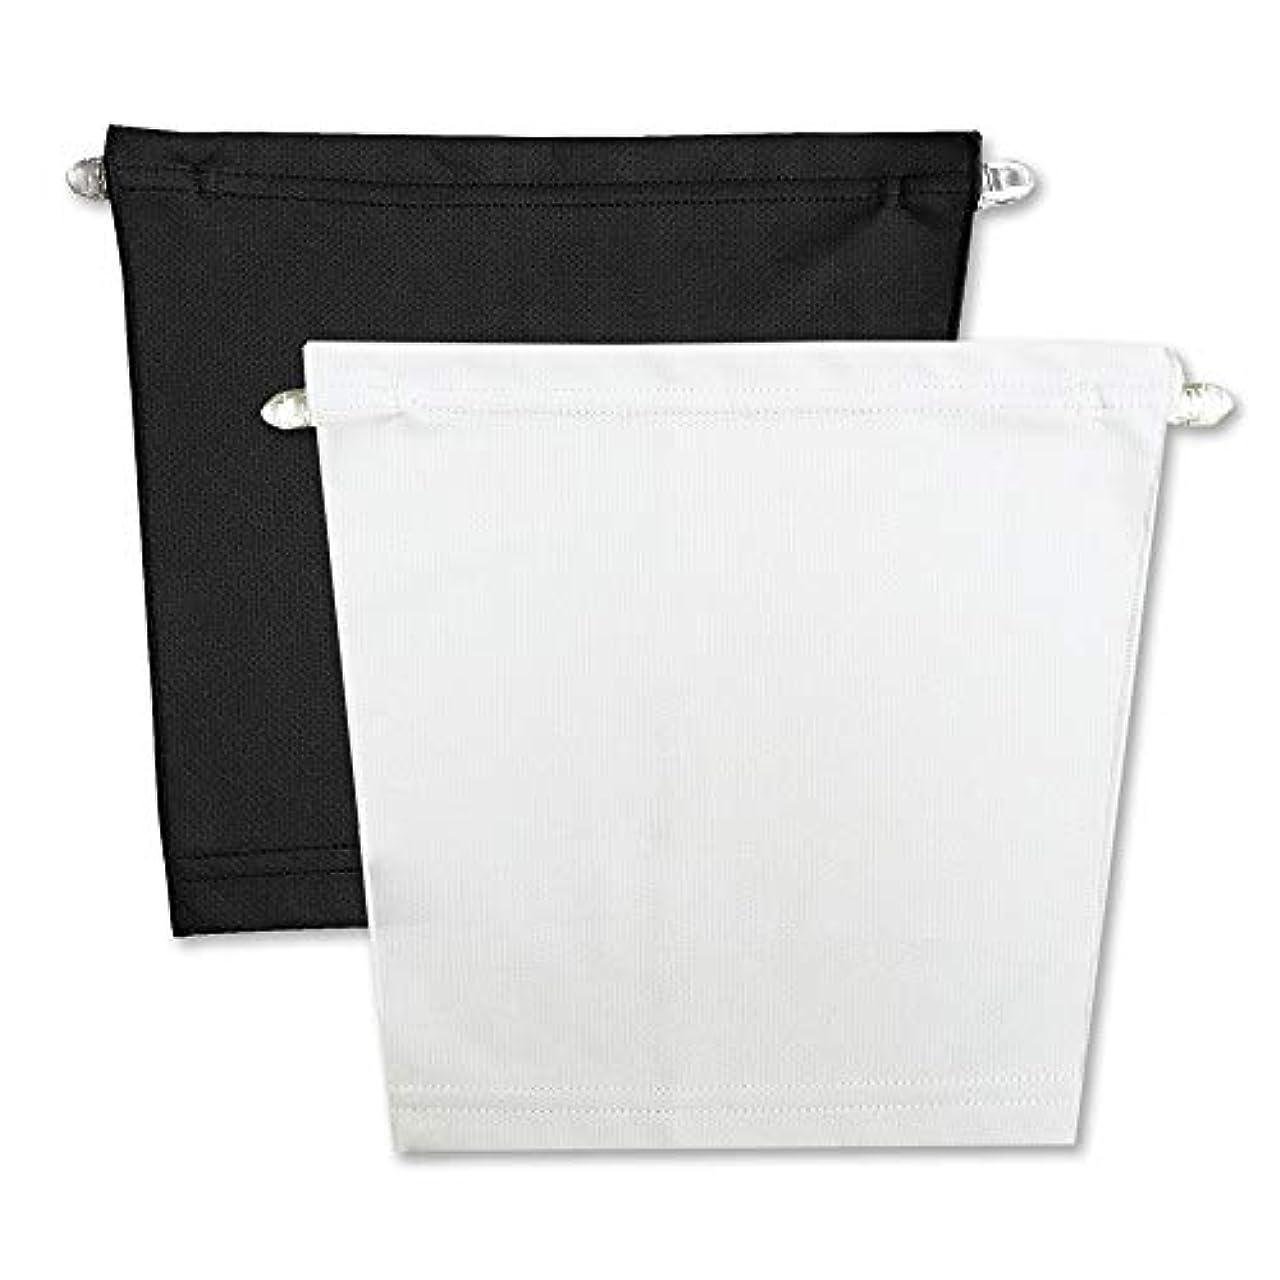 ママ敬意を表して悪意のあるフロントキャミ (2枚組) 胸元隠し UVカット (黒 & 白)